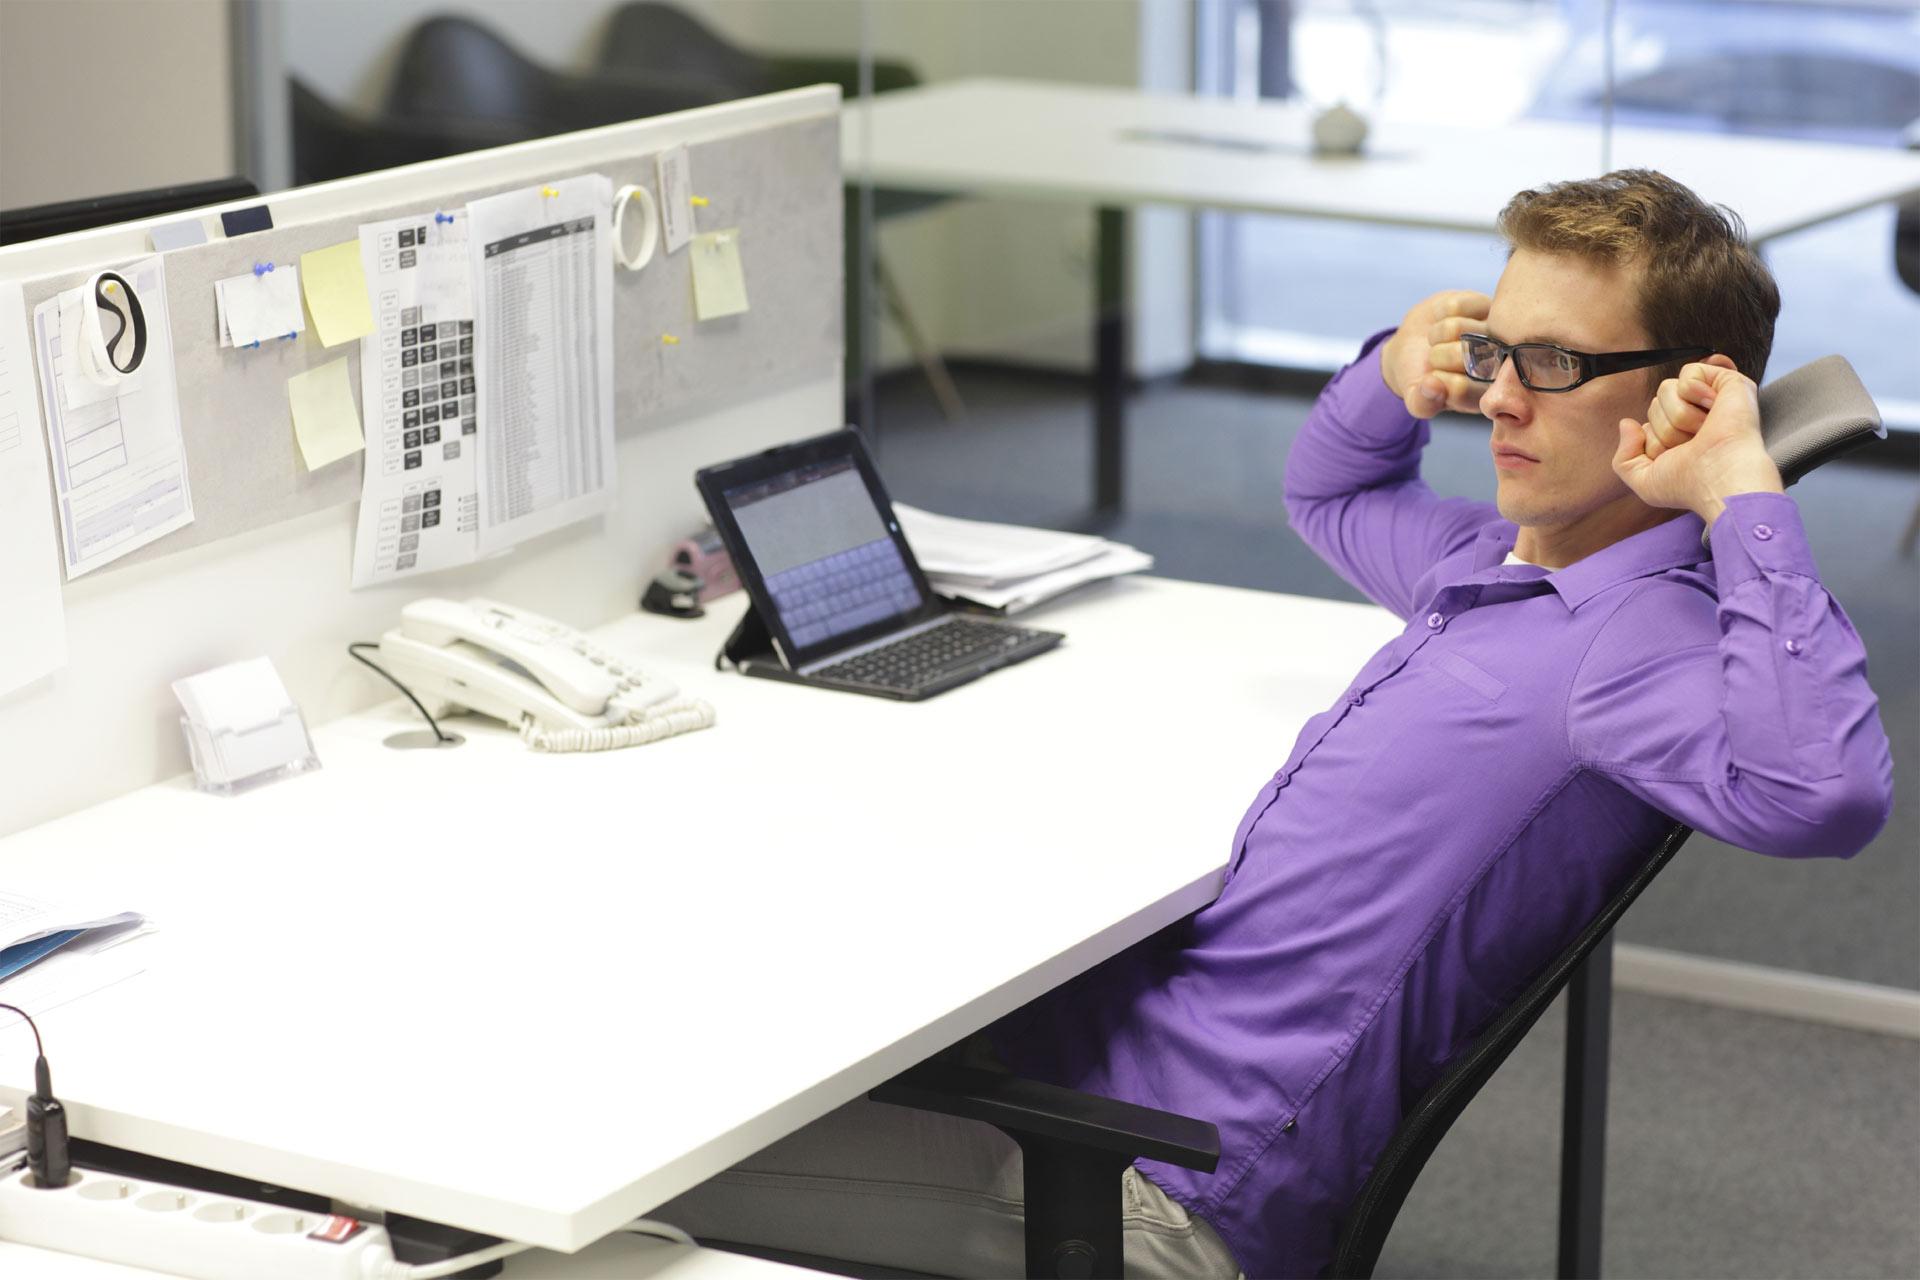 Ya no hay excusas para no hacer ejercicio: hasta sentado en tu escritorio puedes darle movimiento a tu cuerpo